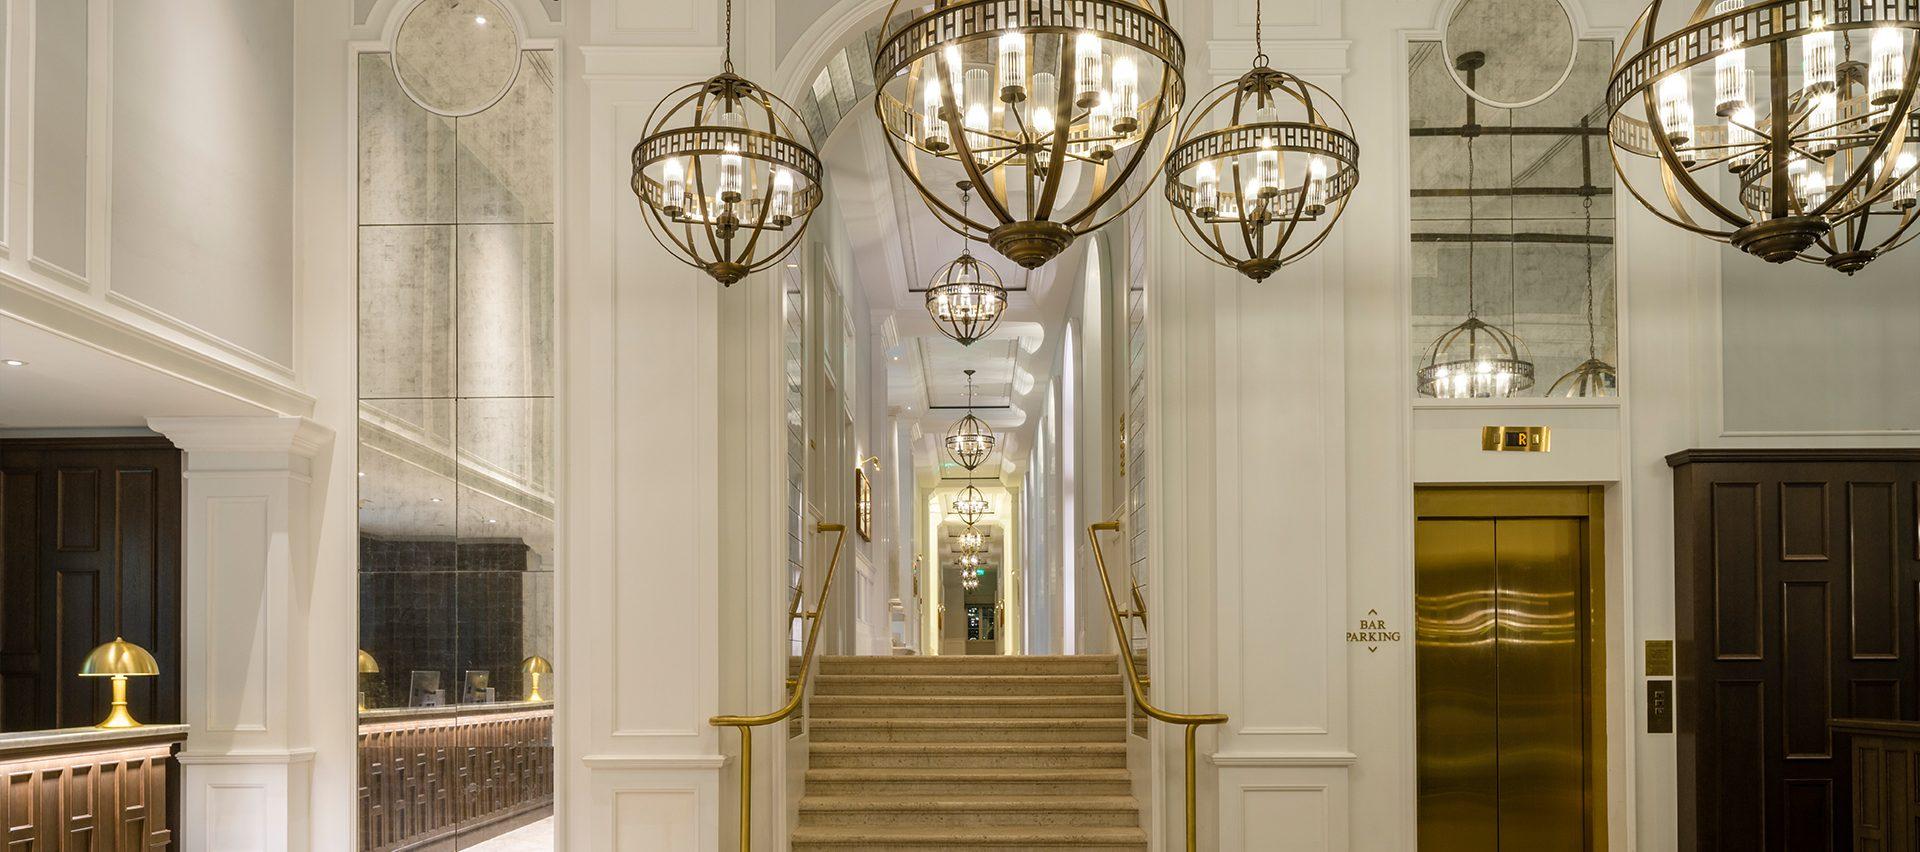 test d'hotels avis, blog voyage, blogueur hotels